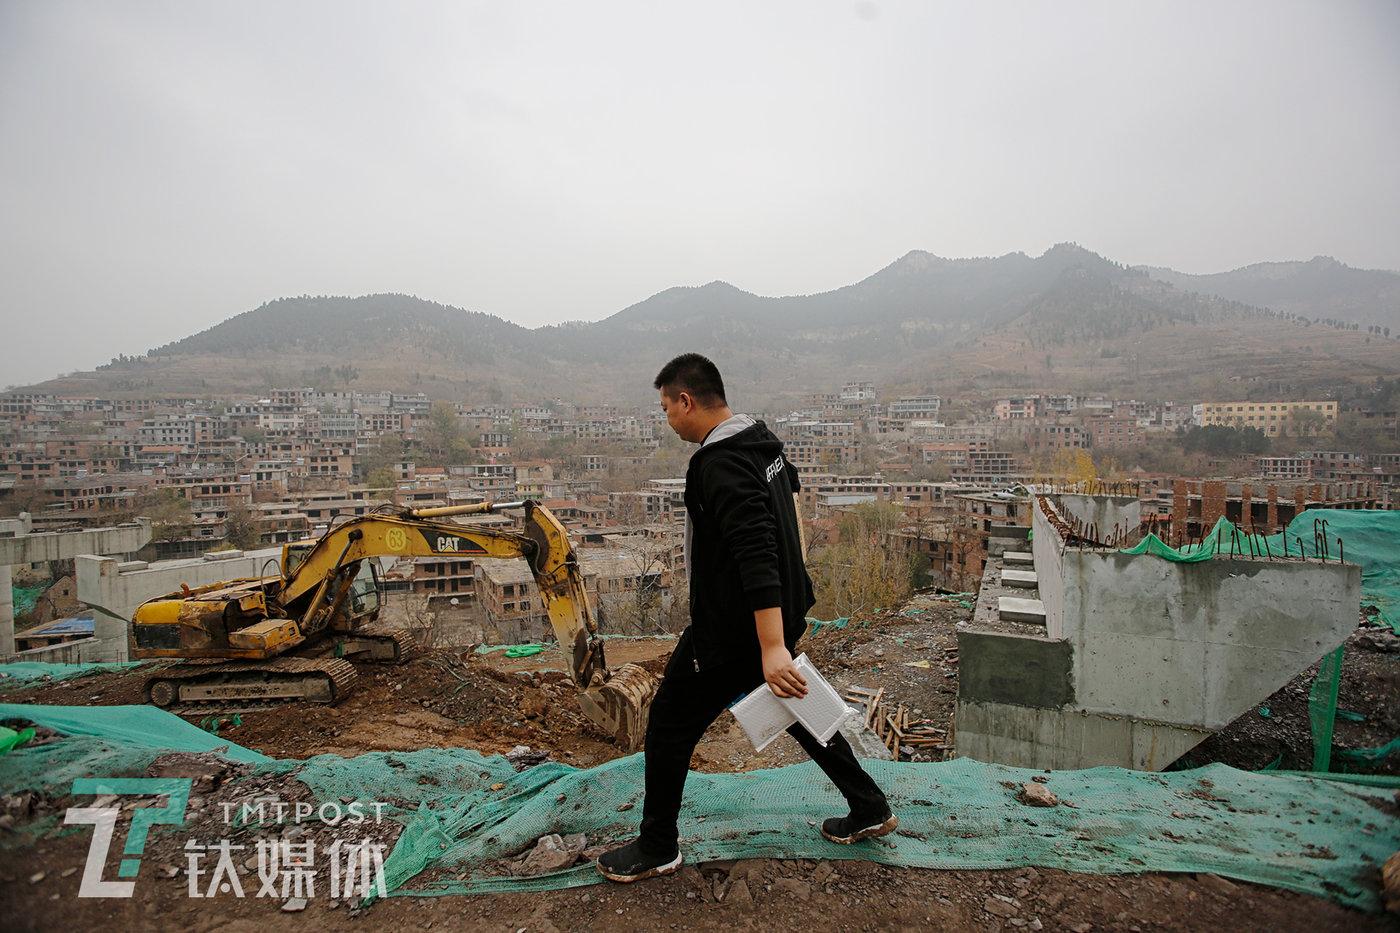 11月23日,某路桥工地,机械指挥官销售员陈兵准备走下护坡,为一台挖掘机安装智能终端传感器。